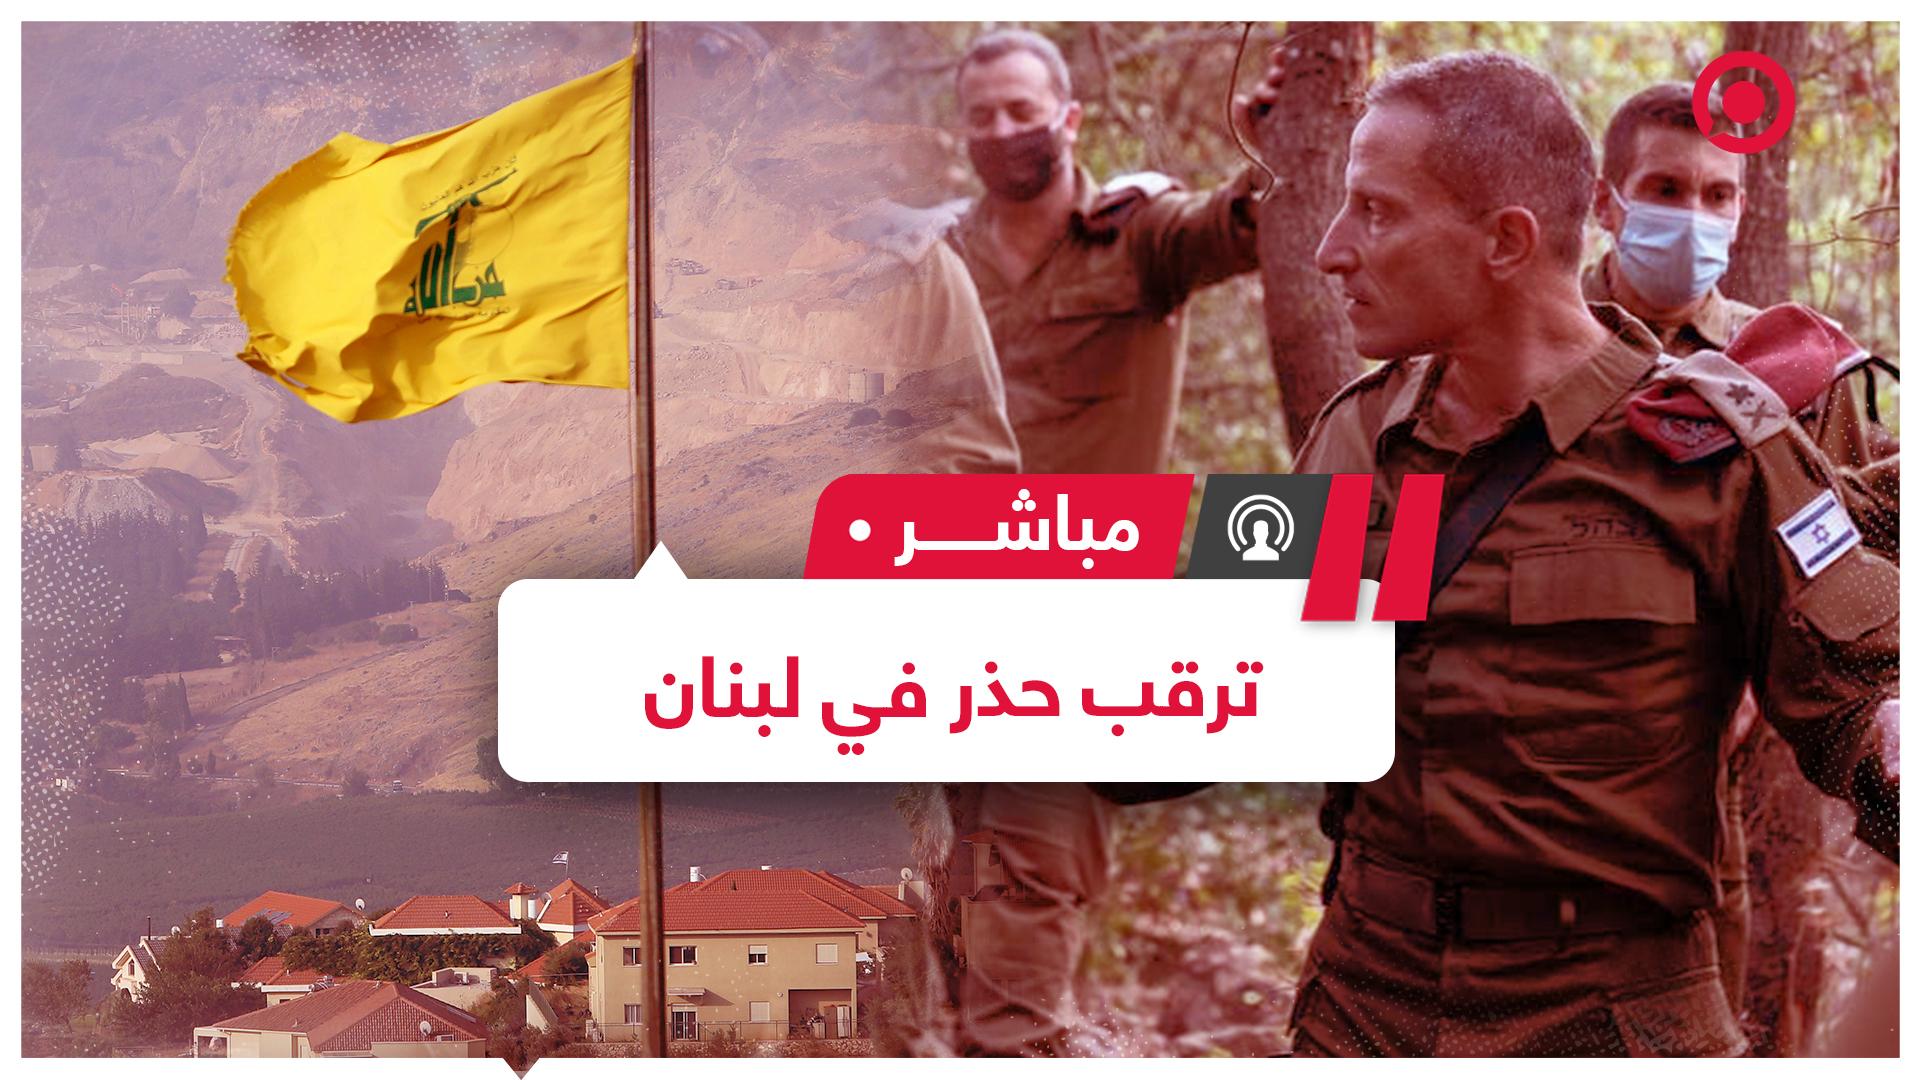 """الجيش الإسرائيلي يطلق تدريبات """"السهم القاتل"""" و""""حزب الله"""" يرفع درجة الاستنفار"""